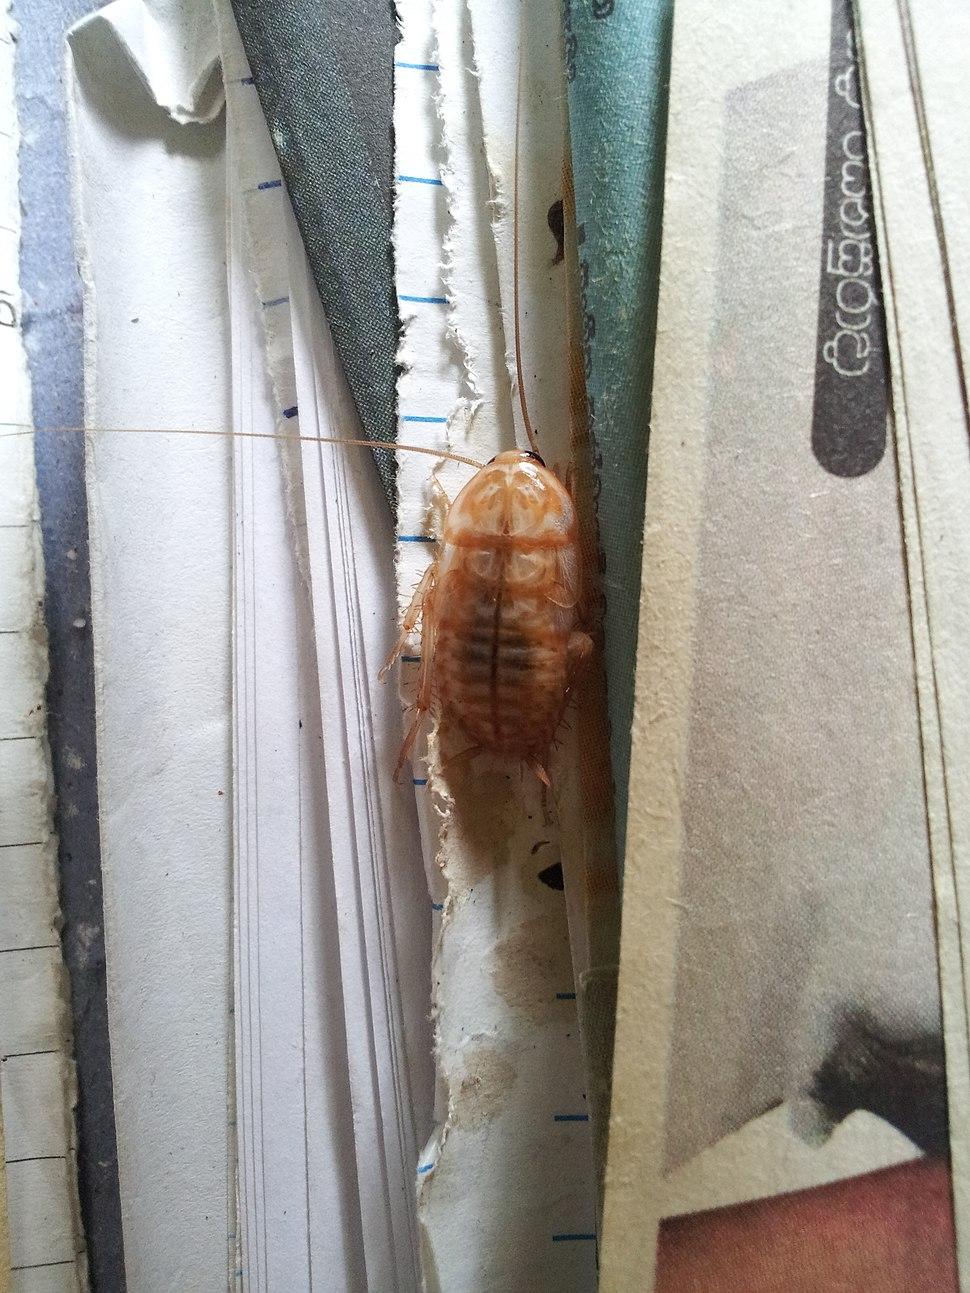 Albino cockroach from bakamuna, Sri Lanka